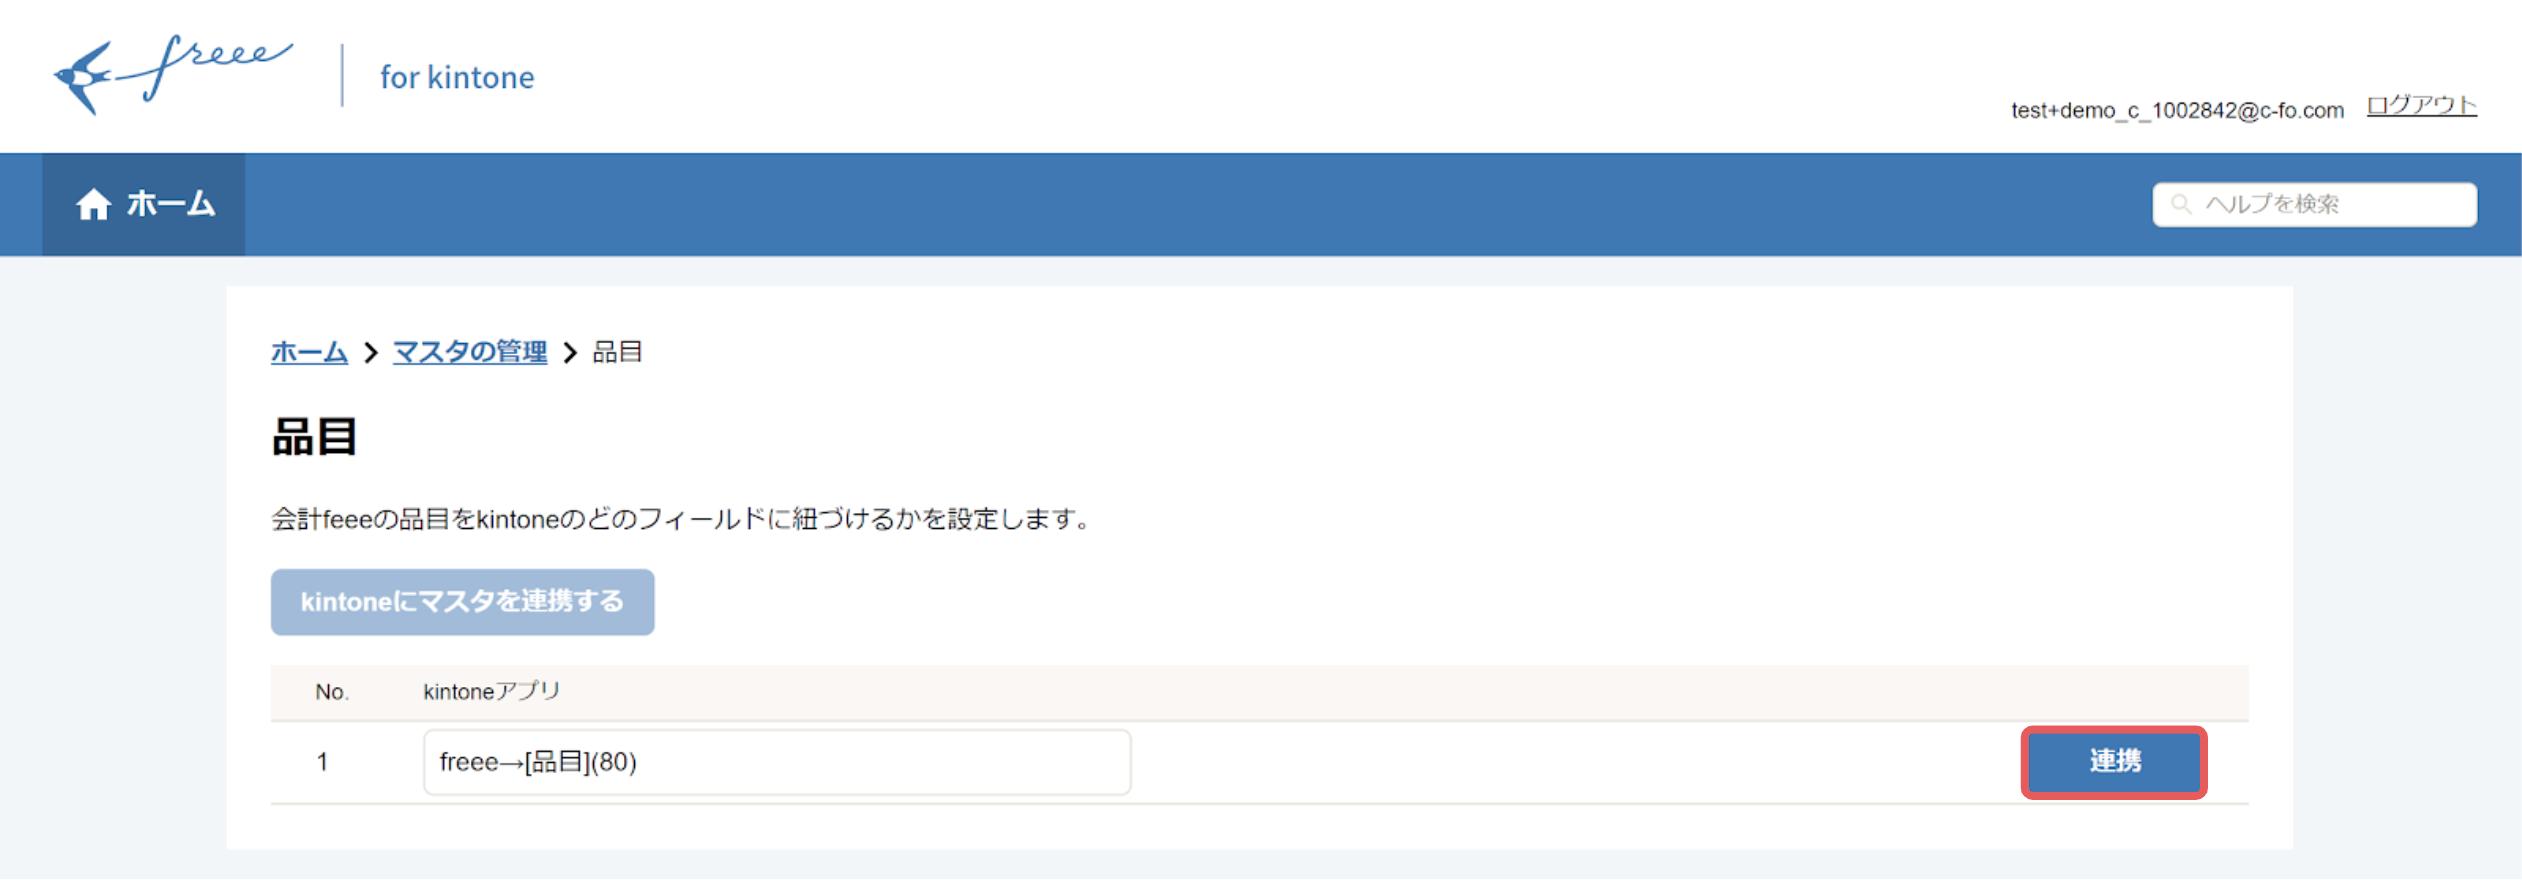 Screen_Shot_2020-07-09_at_16.27.57.png